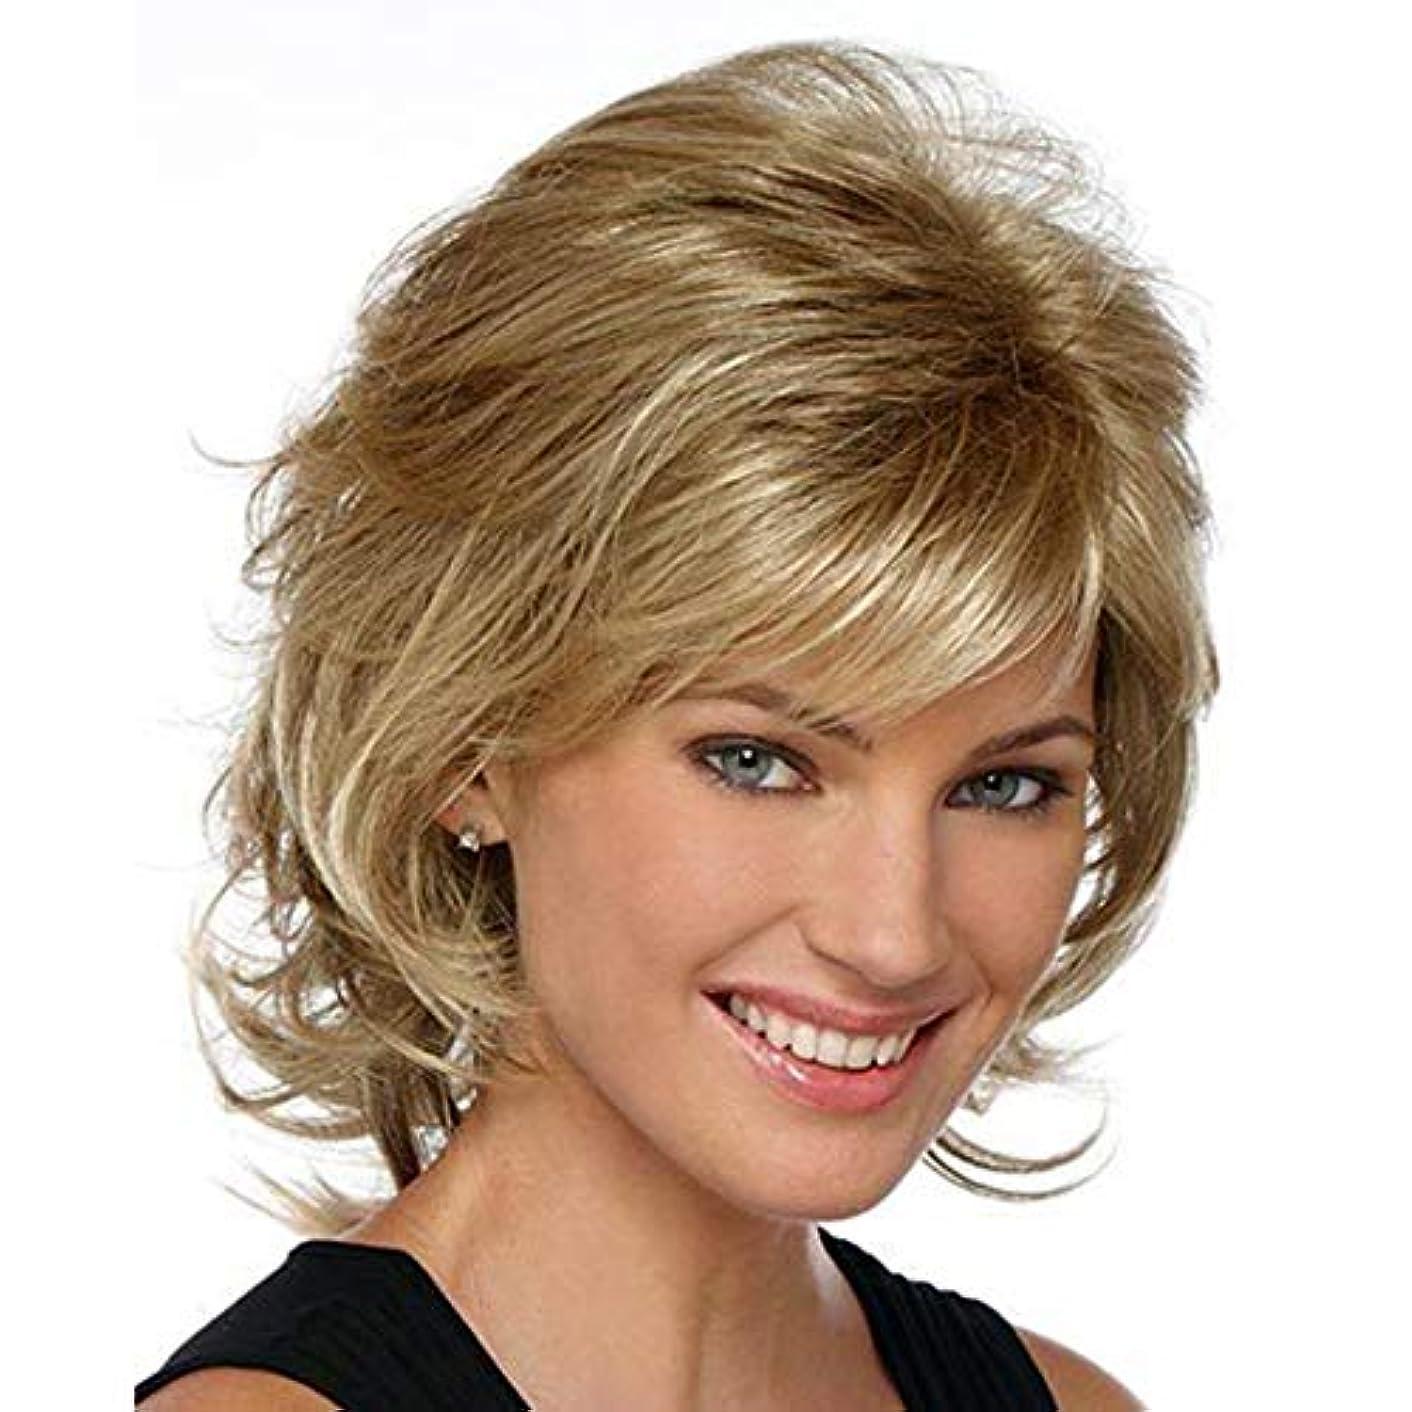 有利ファン思春期ウィッグ つけ毛 ブラウン12インチショートアフロカーリーヘア合成ウィッグ女性用耐熱ウィッグナチュラルヘア (色 : ブラウン, サイズ : 12